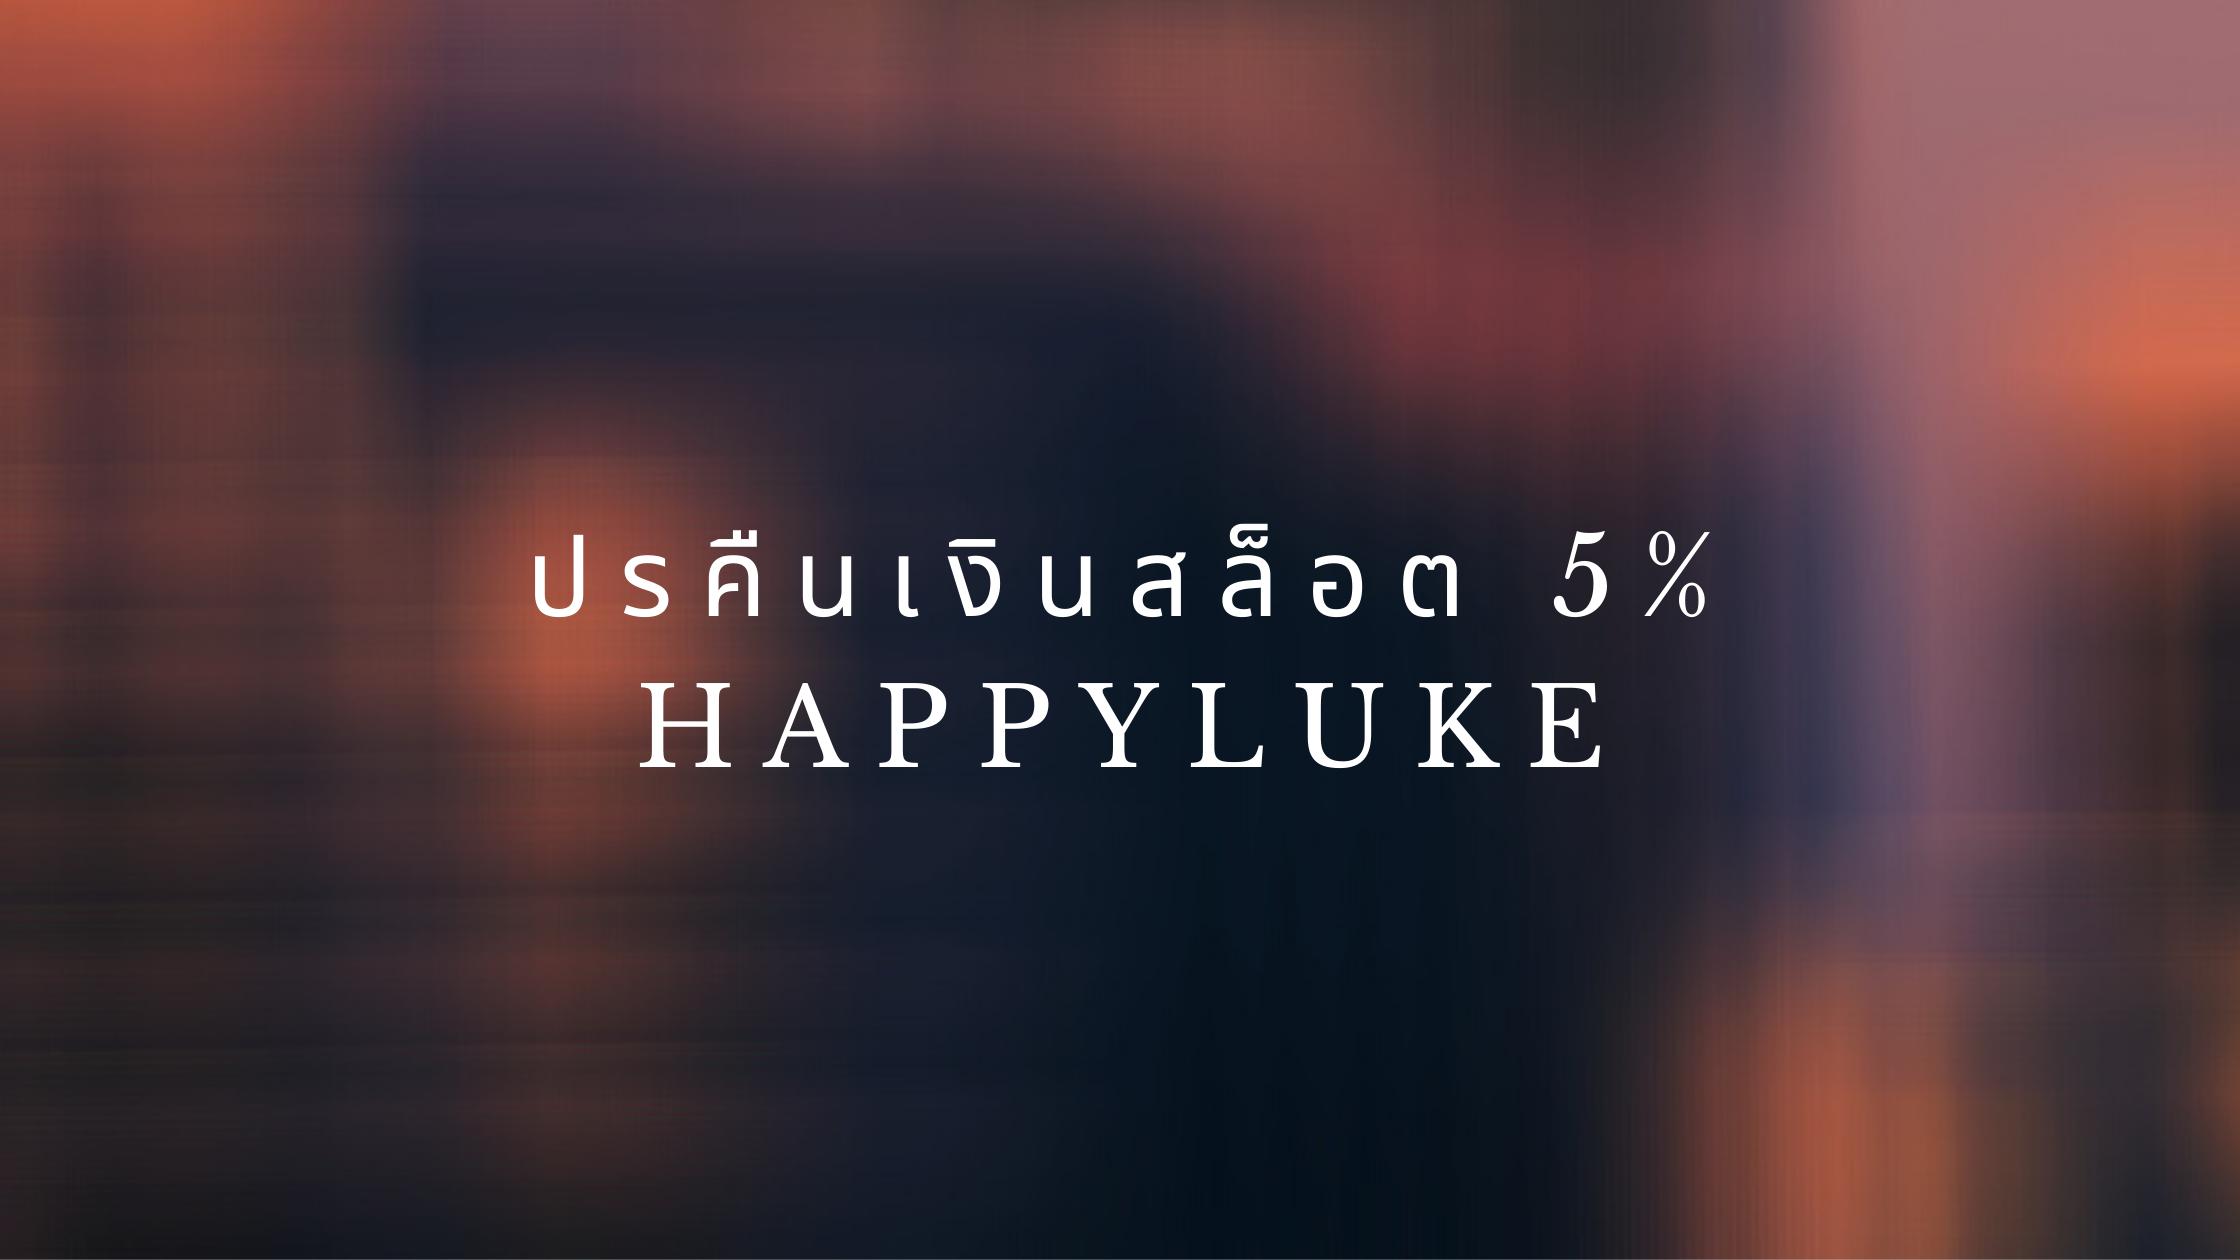 ปรคืนเงินสล็อต 5% happyluke